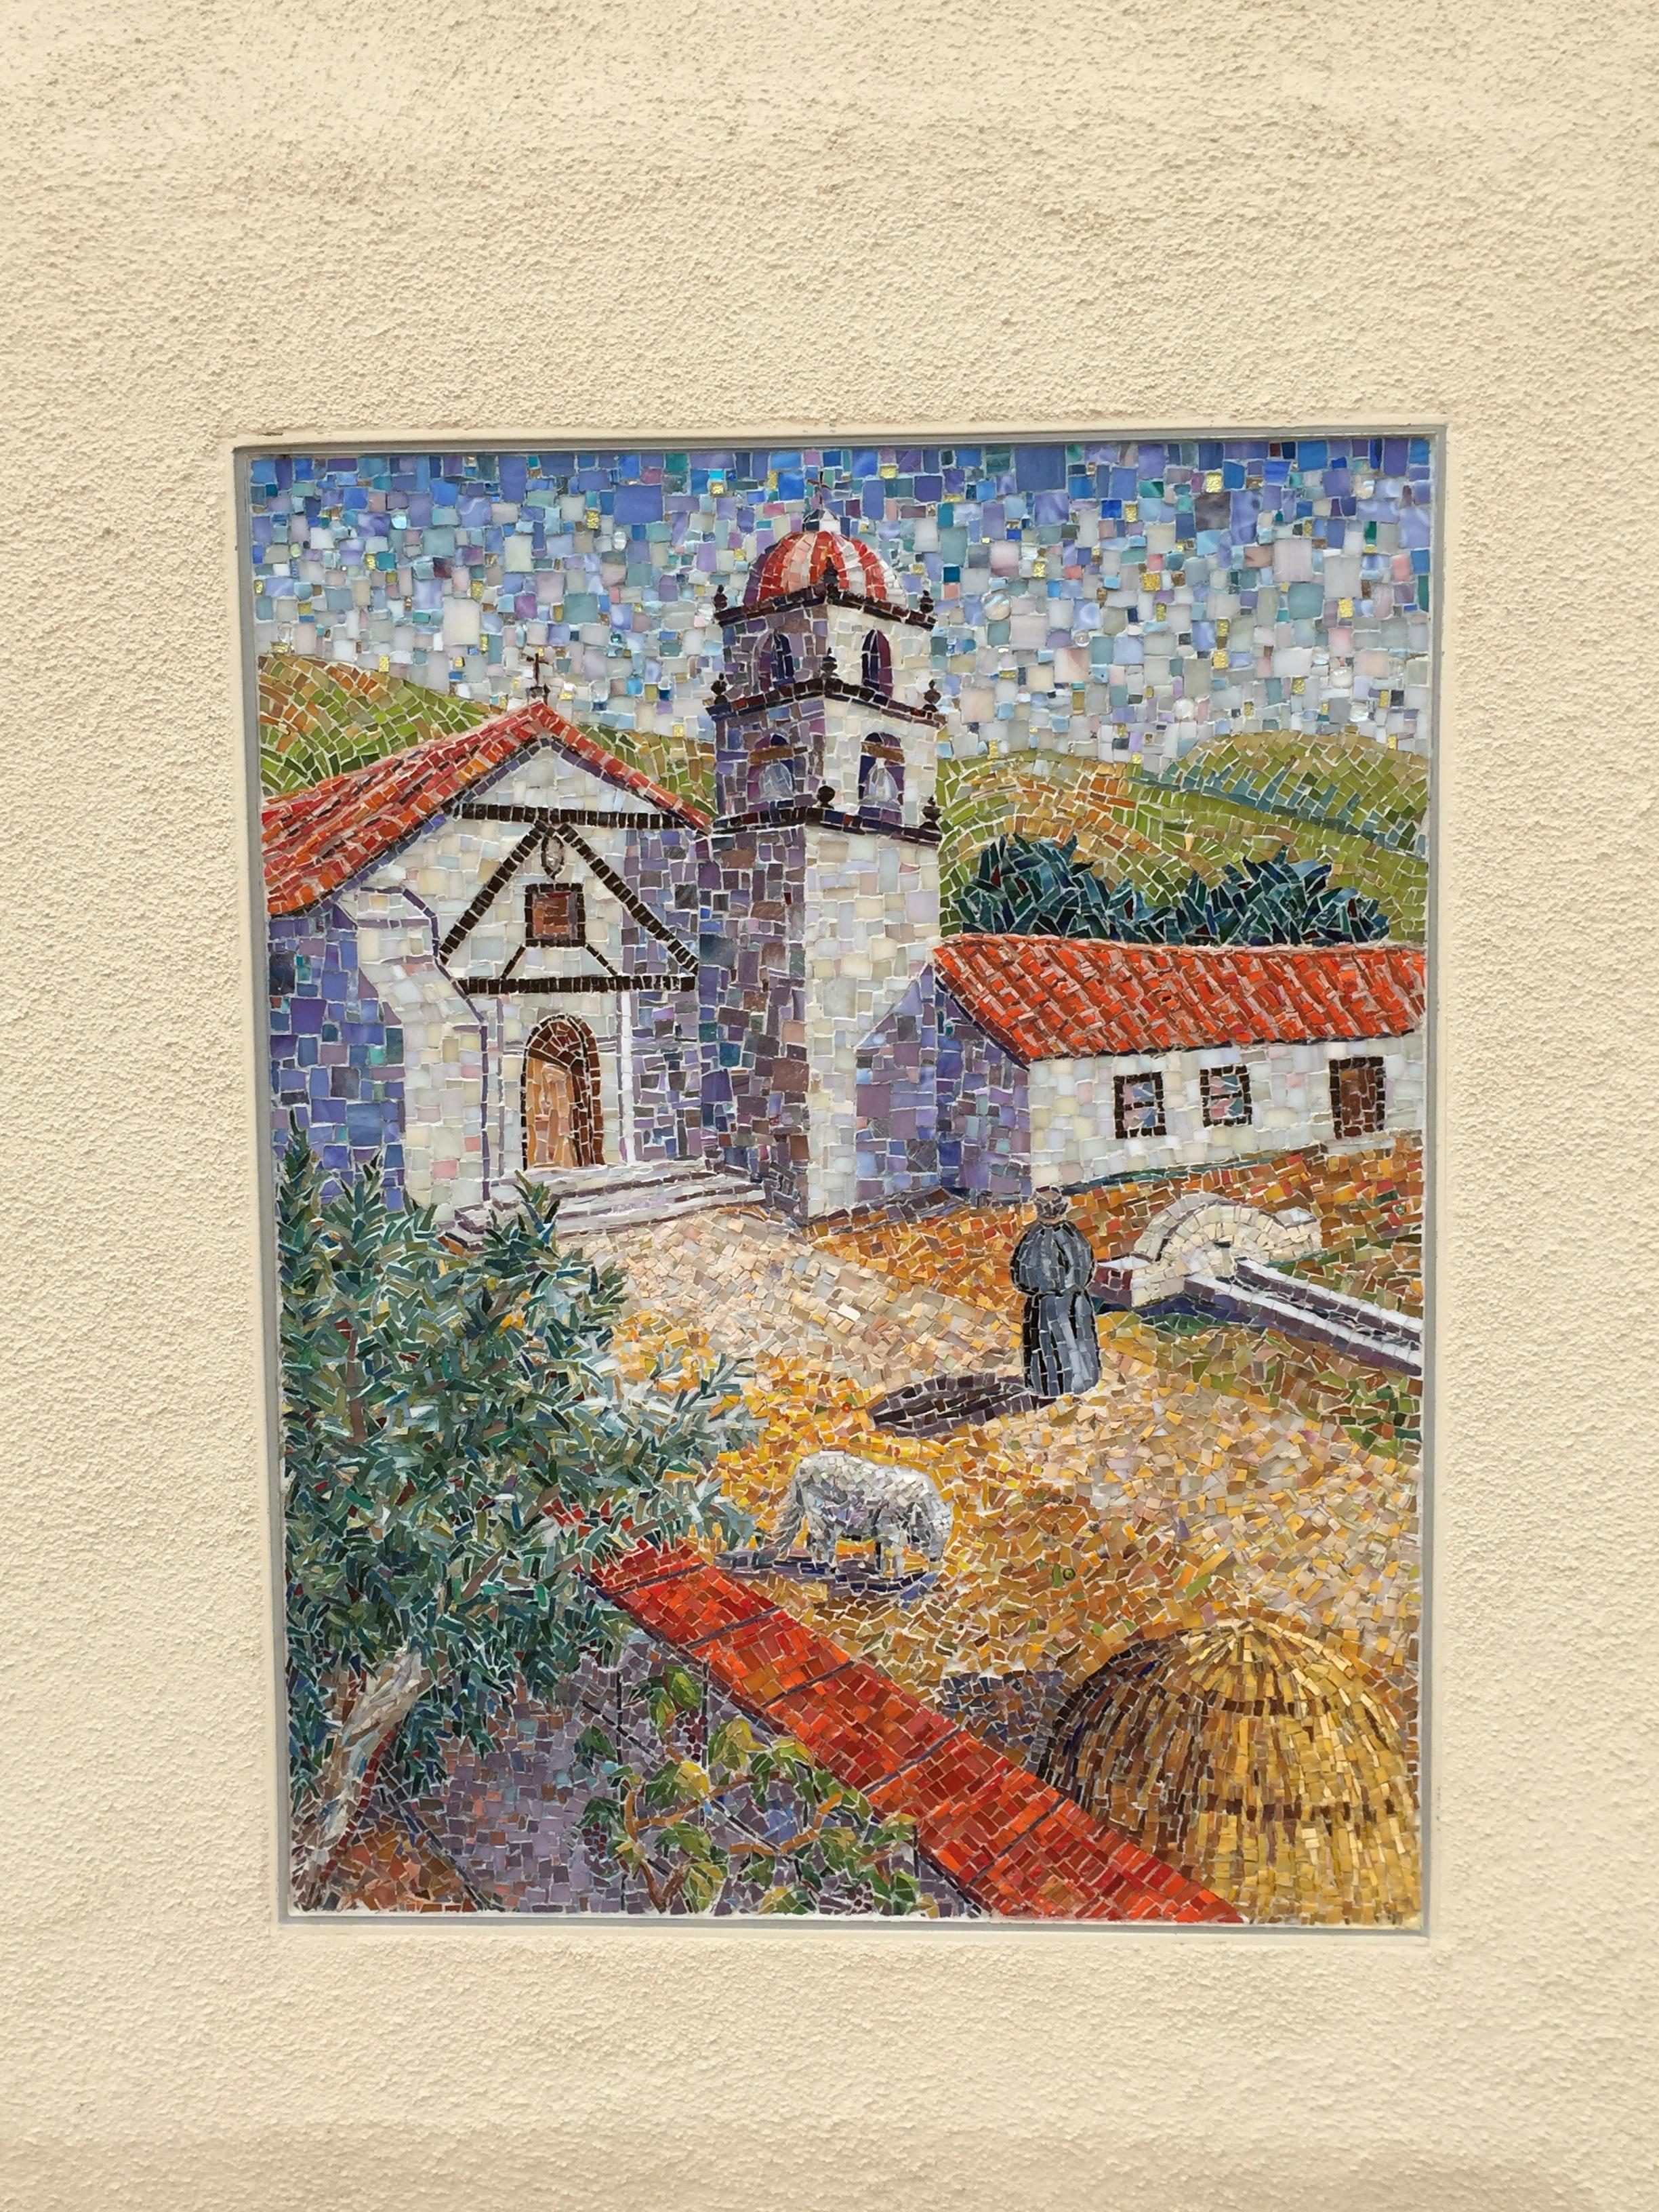 ventura mission mosaic - ventura santa Barbara san Fernando Missions